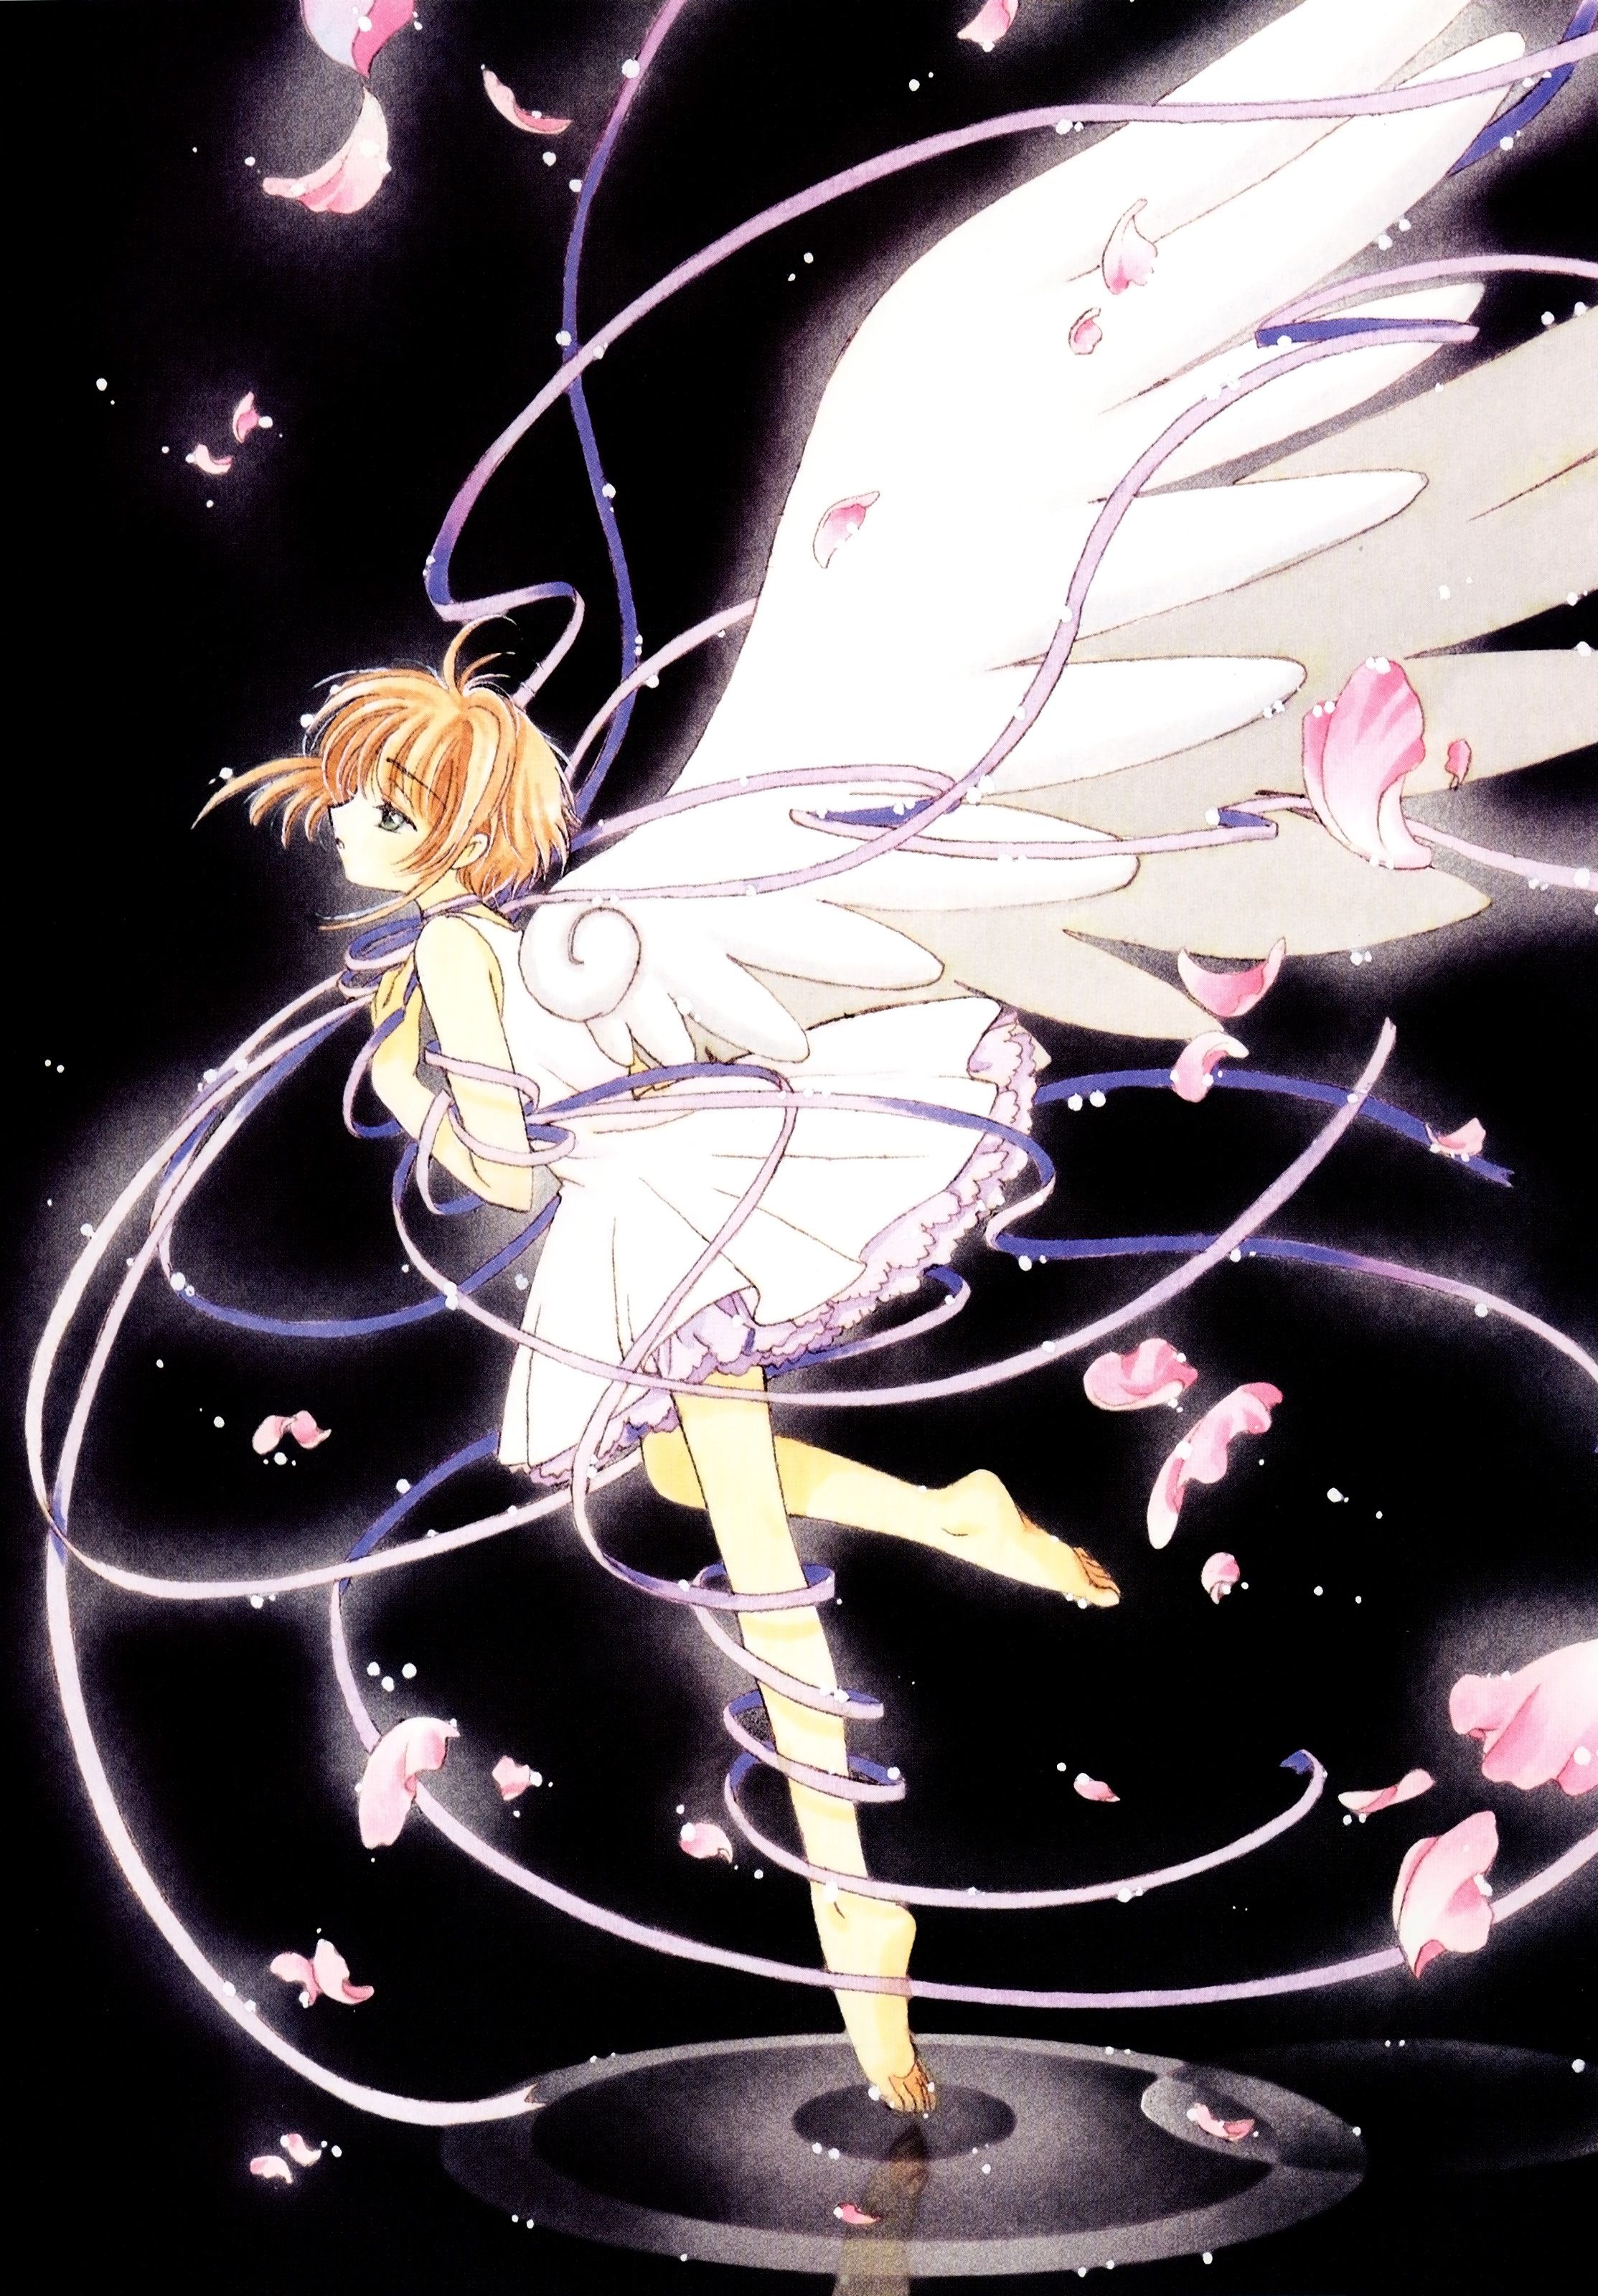 Card Captor Sakura Cardcaptor Sakura Cardcaptor Sakura